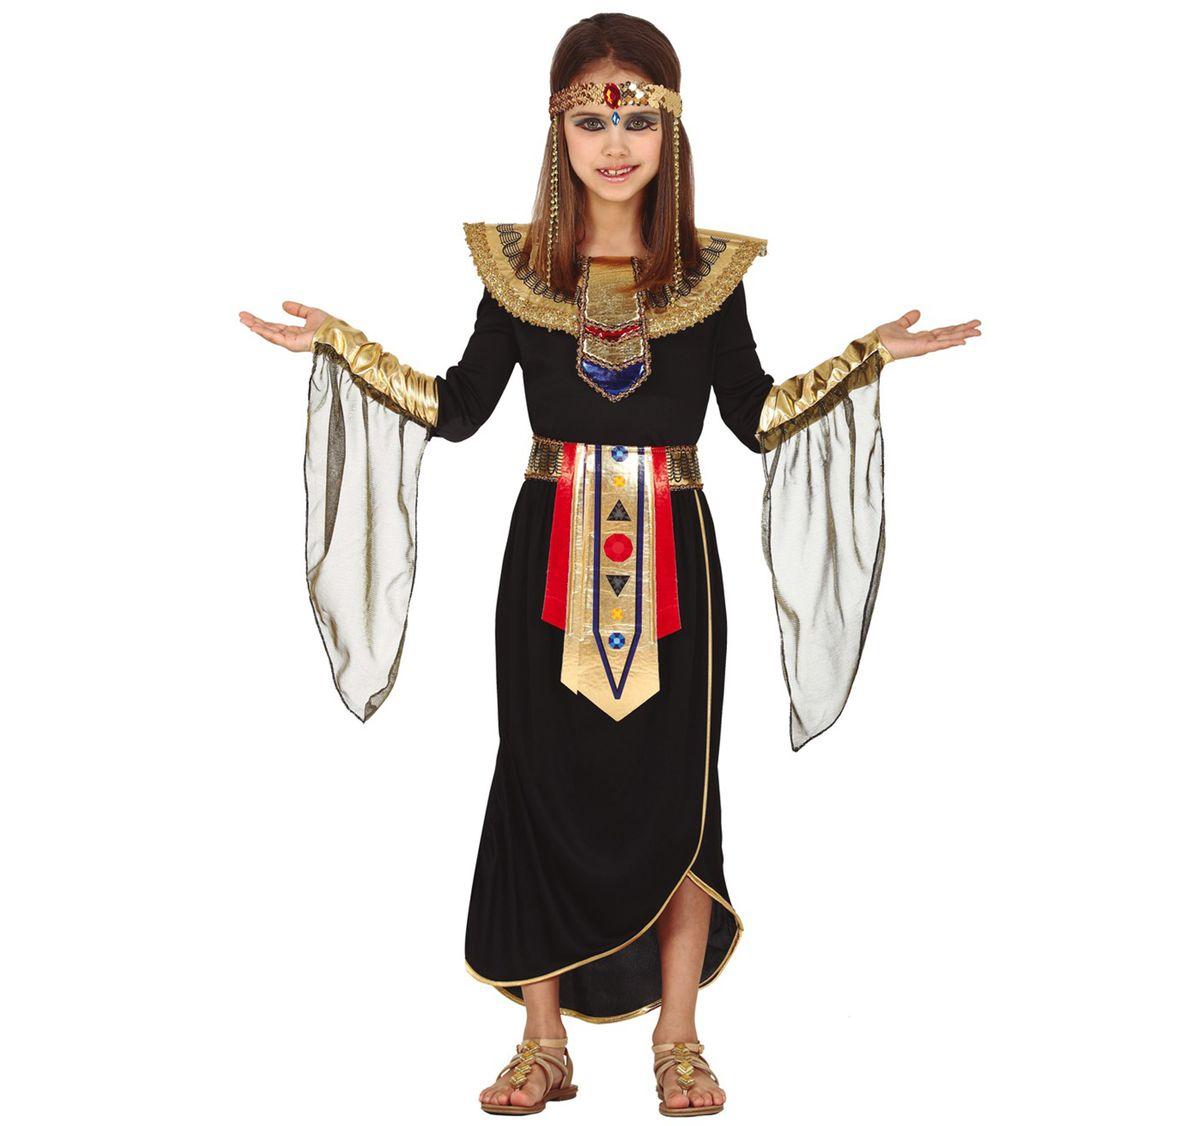 Kinder Kostüm Nofrete Ägyptische Königin 5-9 Jahre Kleid schwarz Fasching Karneval Cleopatra Kinderfasching